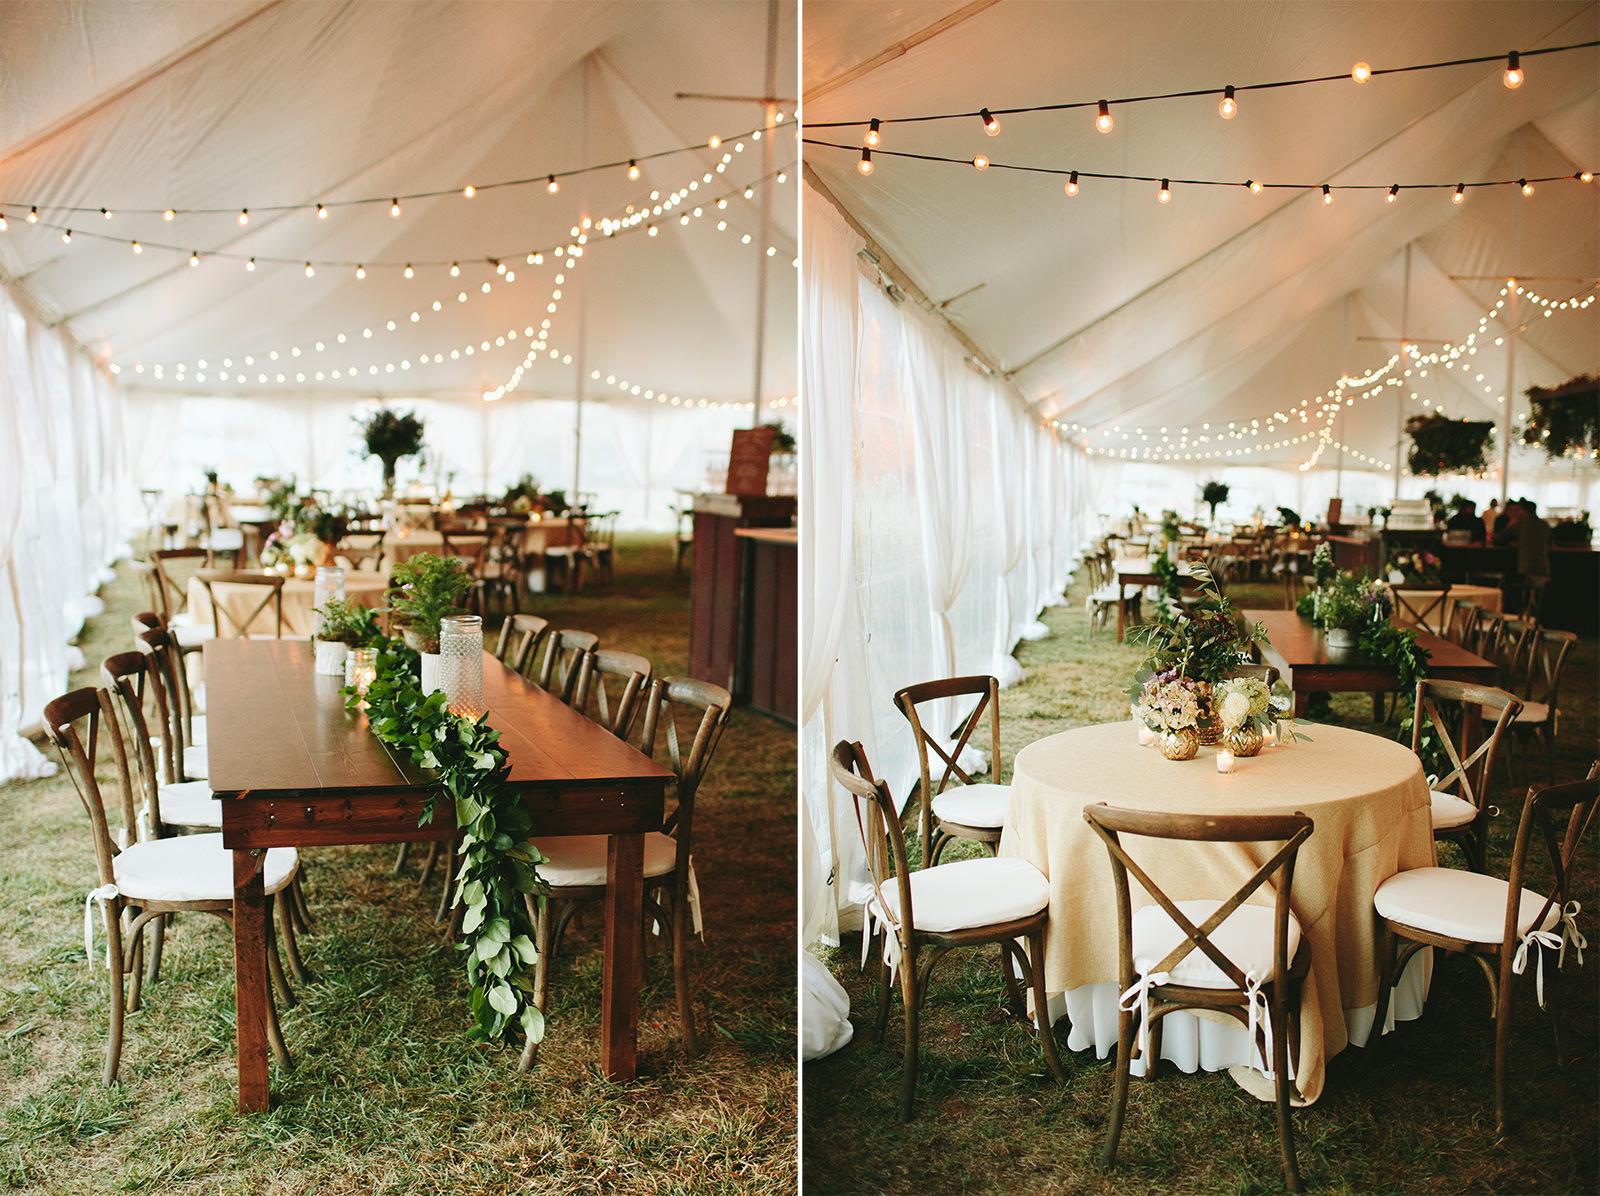 claxton farm tented wedding